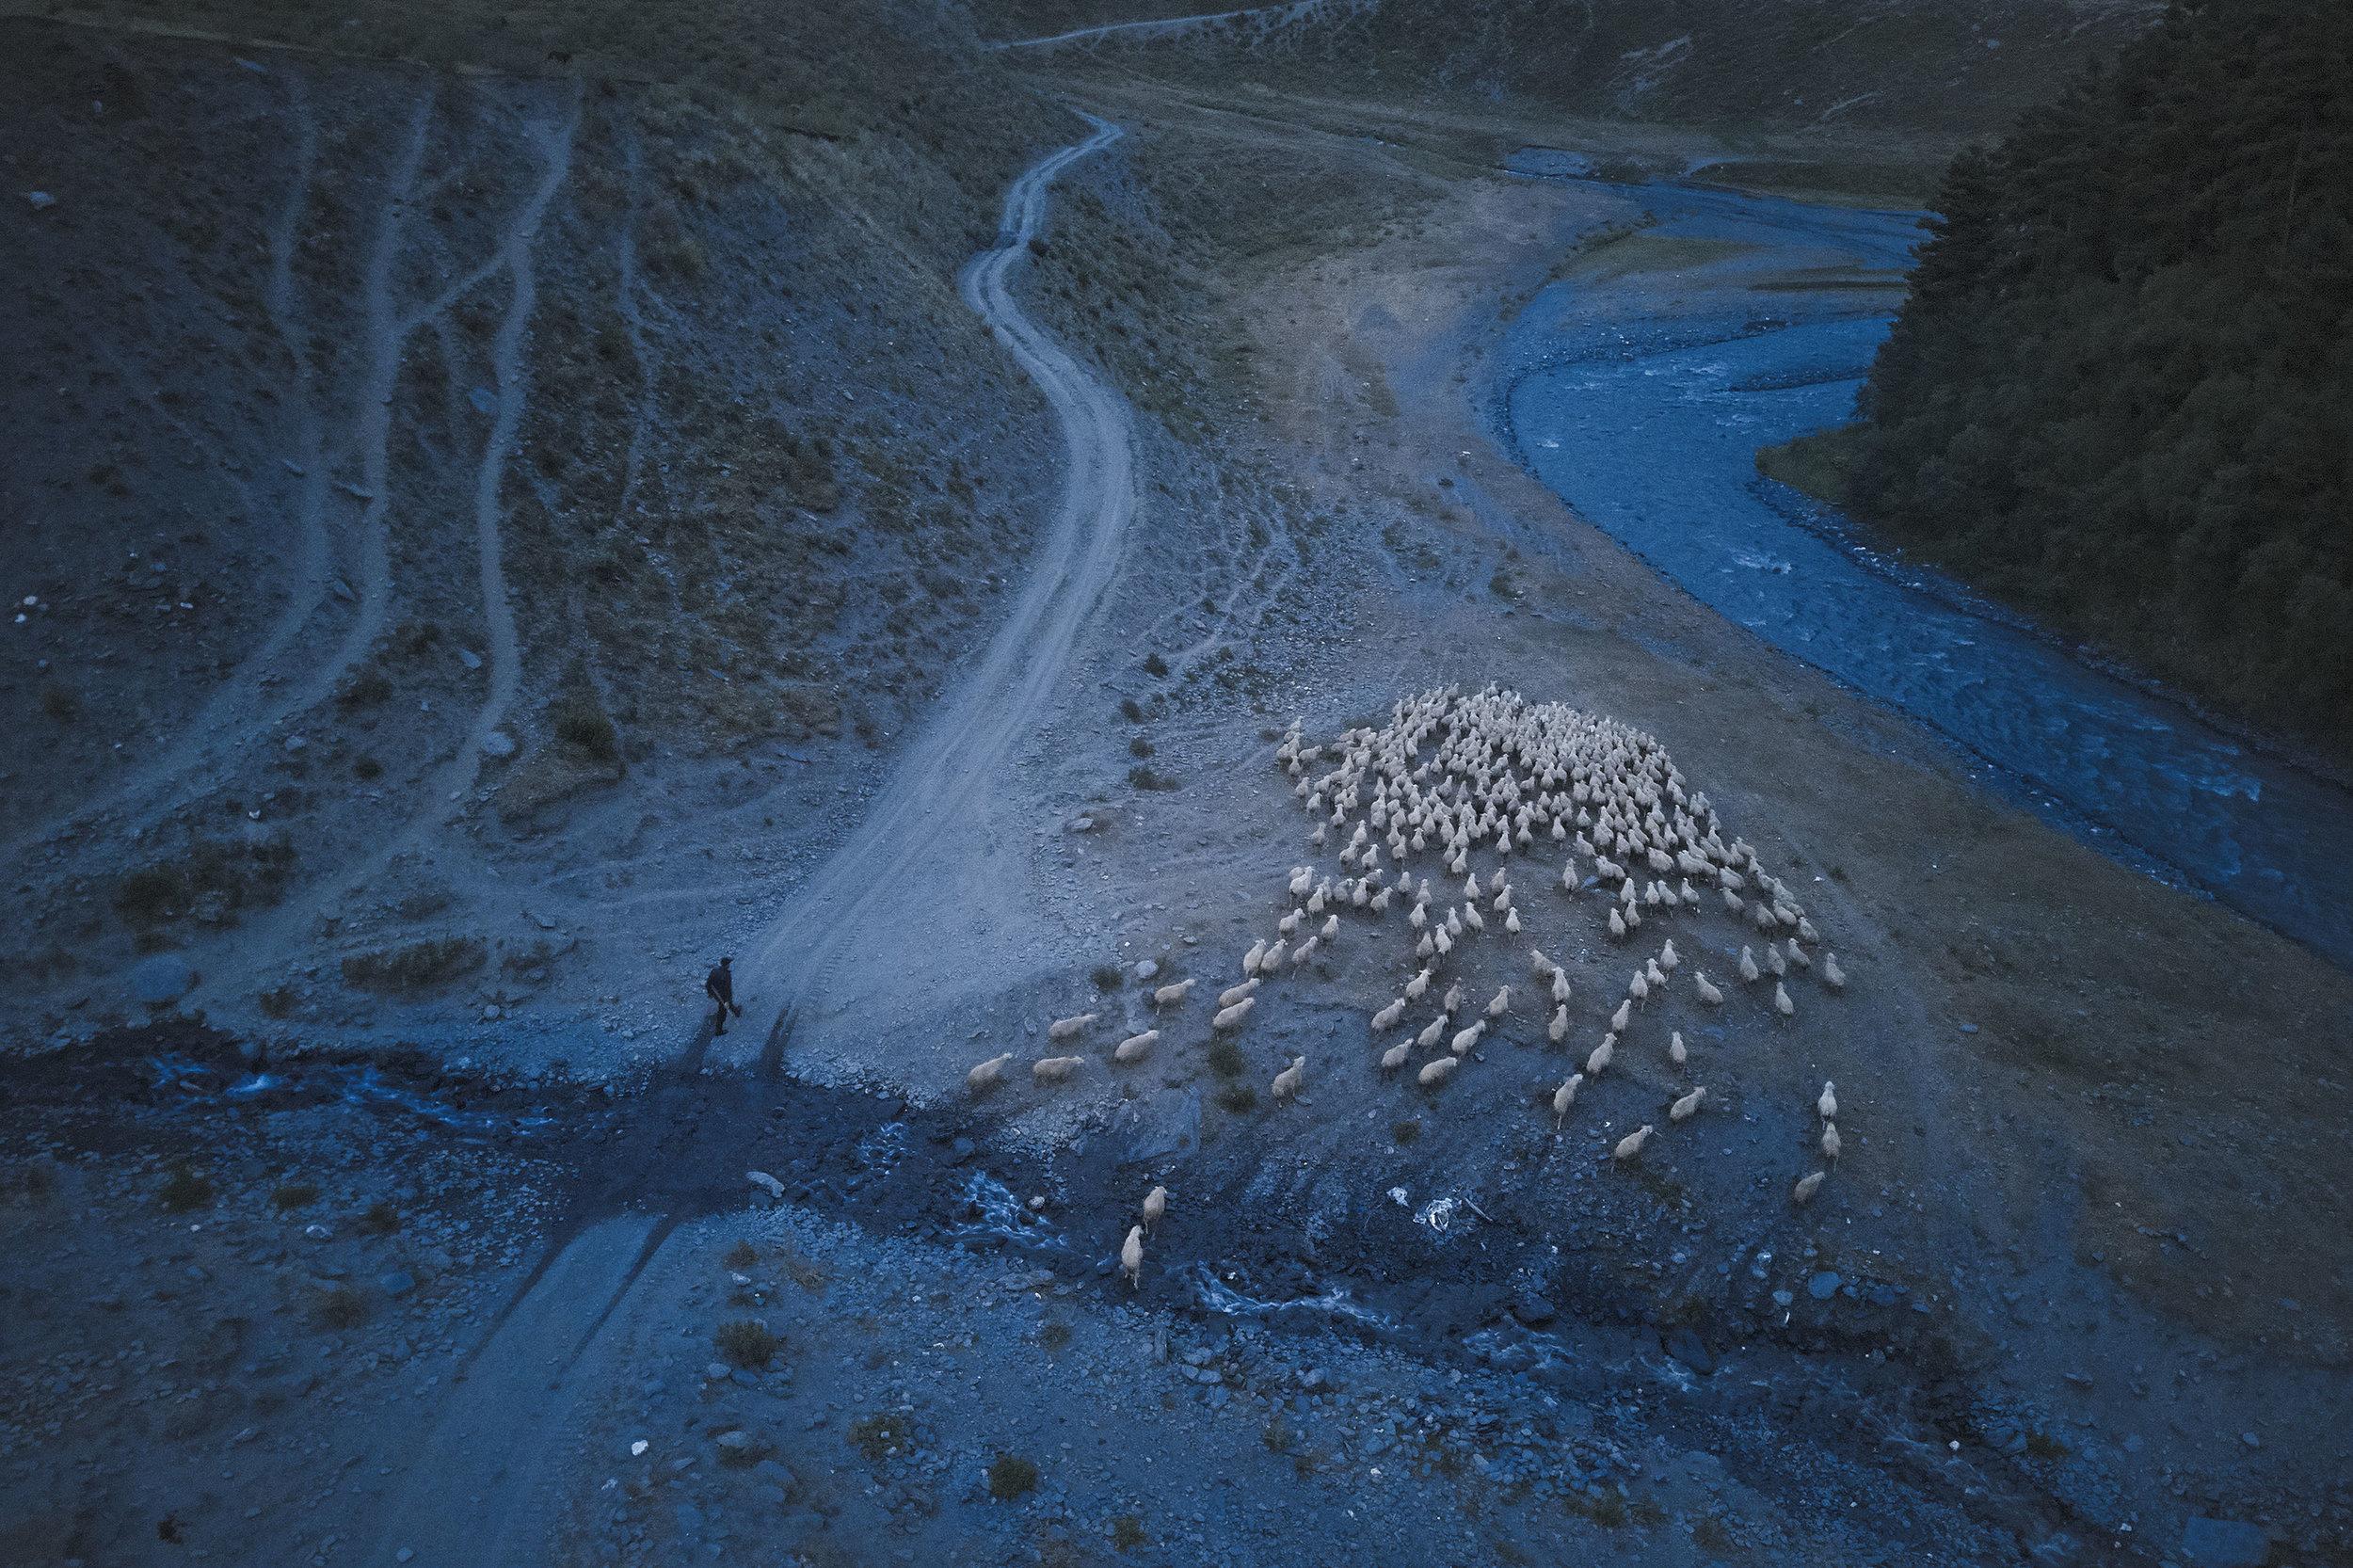 Tusheto-Georgia-herd-of-sheep-at-twilight